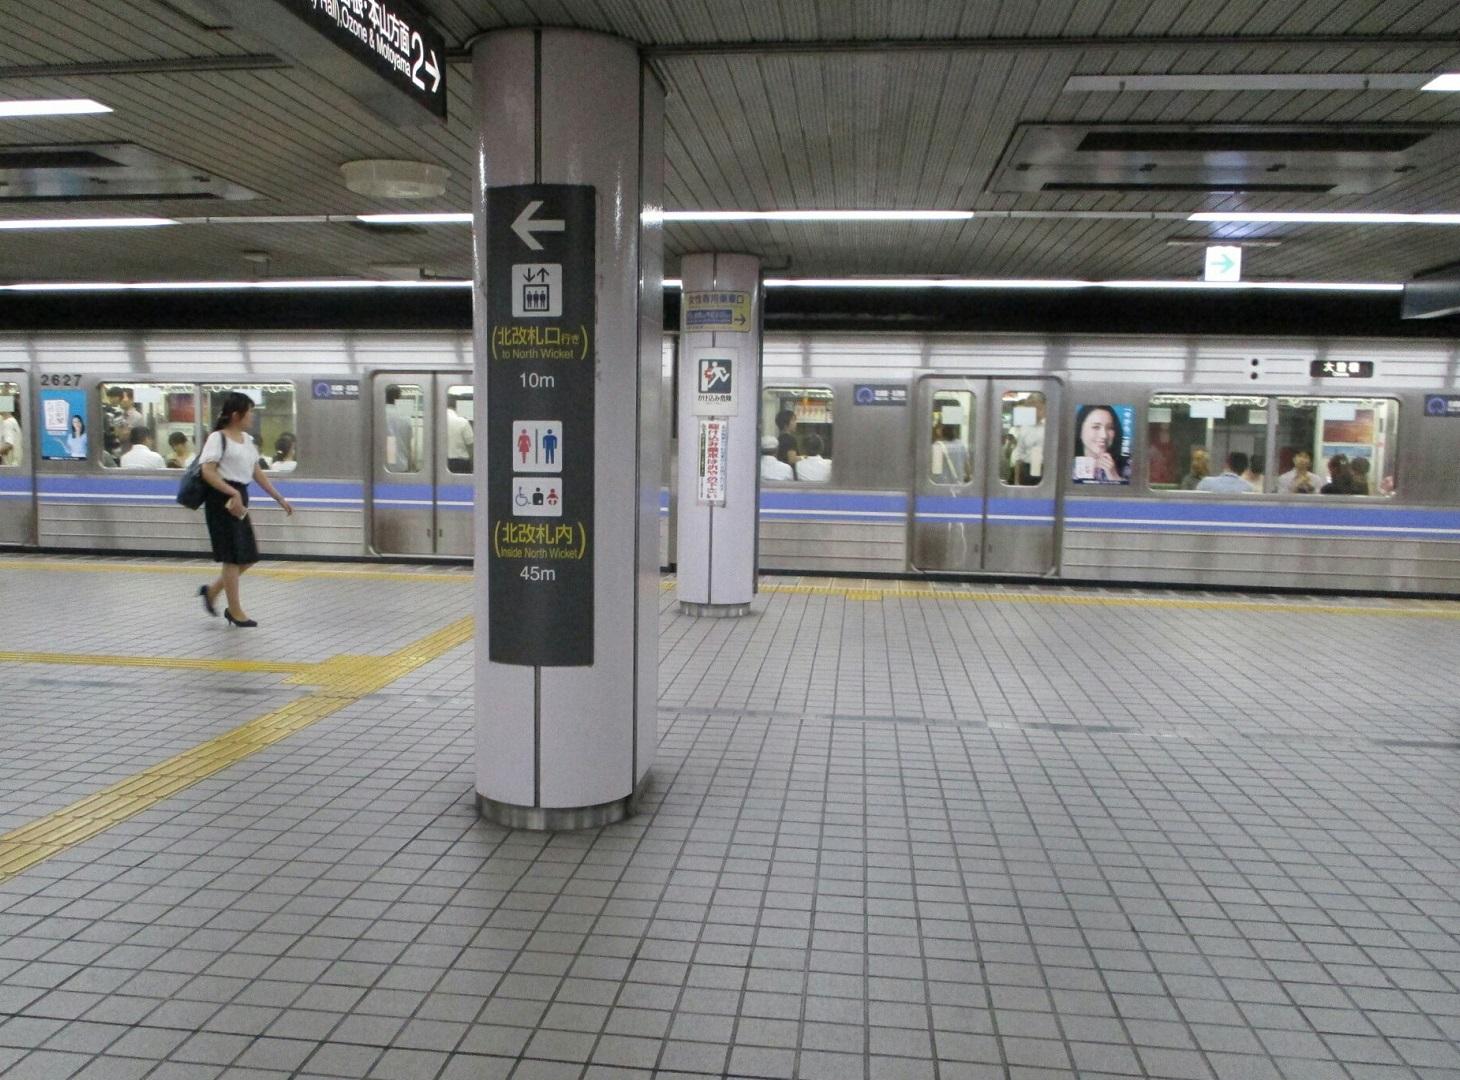 2018.8.29 (42) 久屋大通 - 名城線みぎまわり 1460-1080